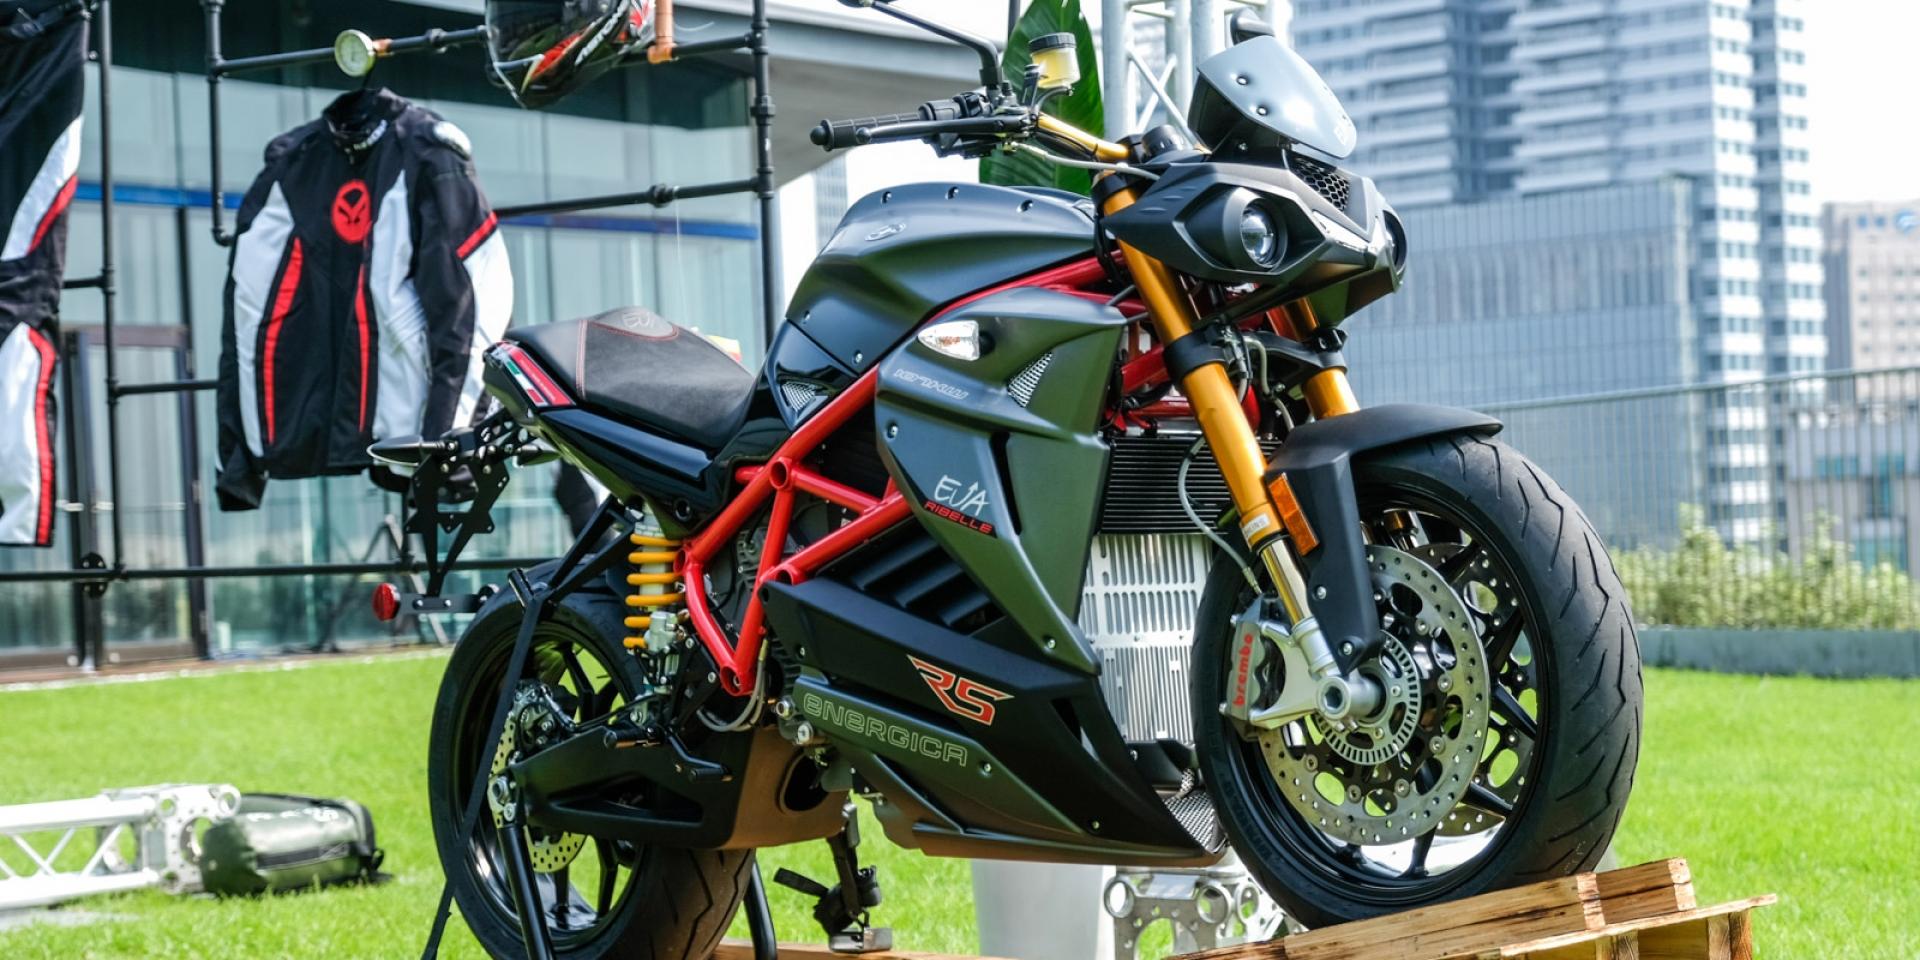 MotoE仿賽198萬元起!義大利ENERGICA正式登台,首波三車型導入